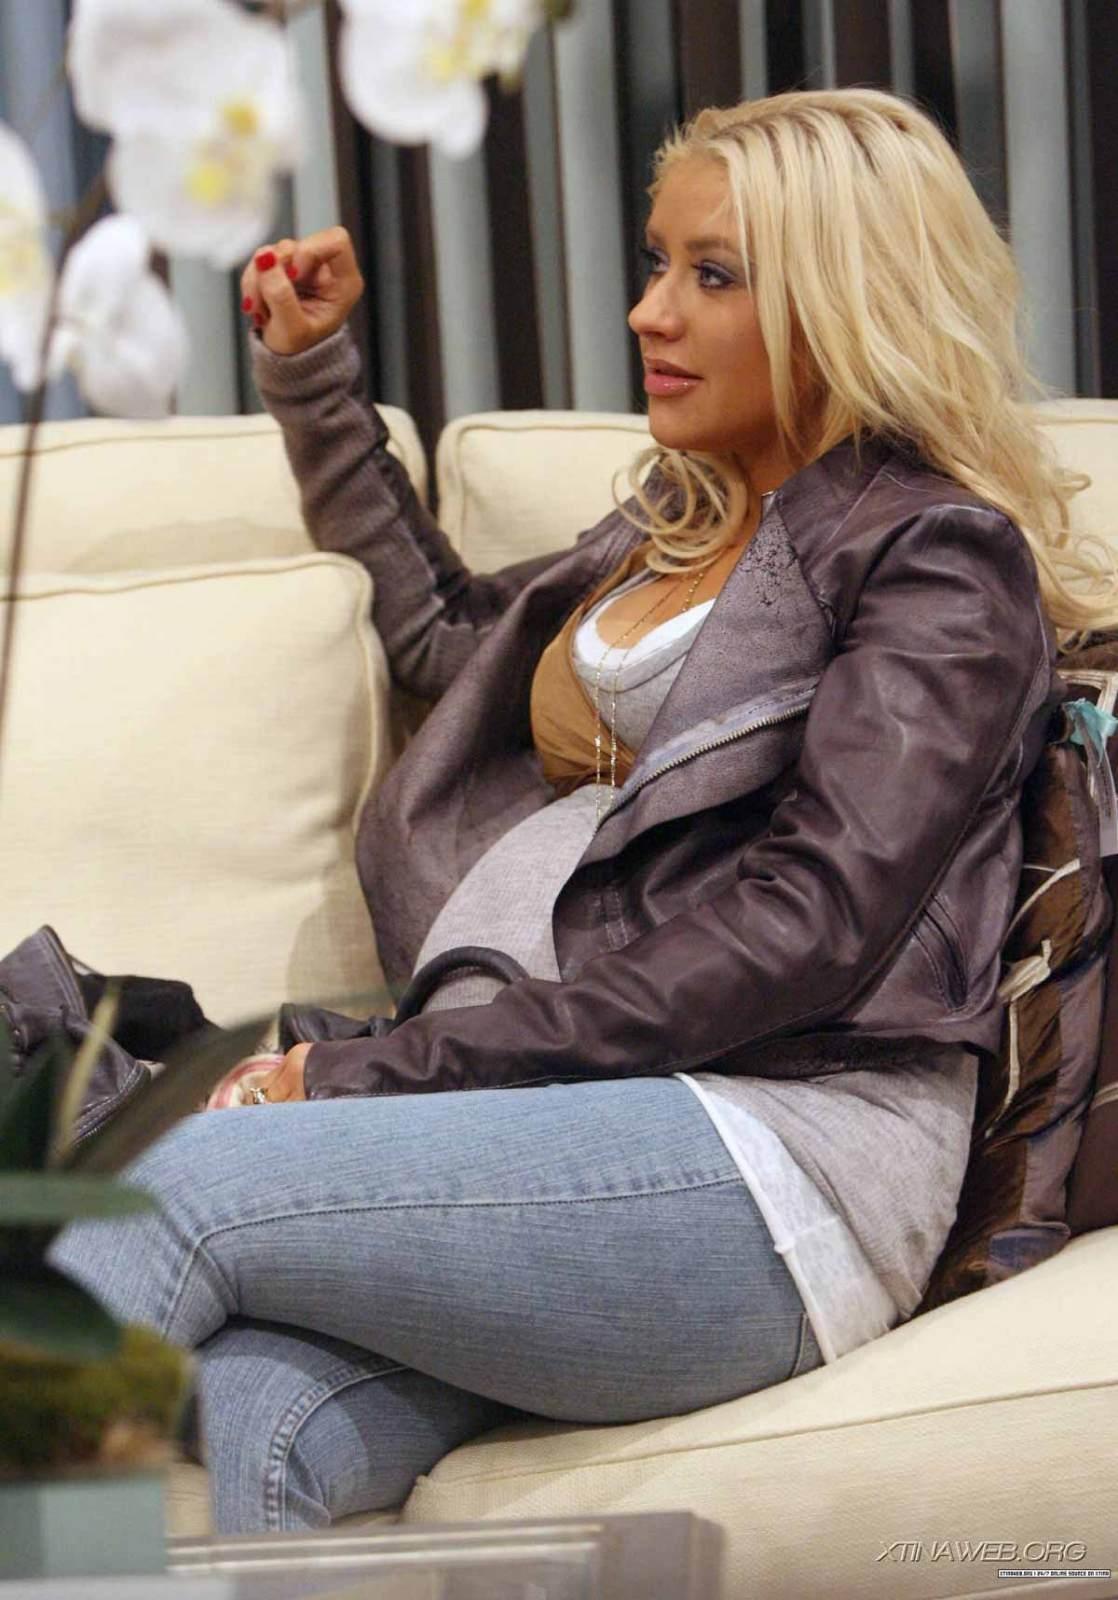 http://4.bp.blogspot.com/_0uhWh0JgQcM/TMQyFjNni0I/AAAAAAAAD70/meelc_9Mf2c/s1600/Aguilera+verypreggy.JPG